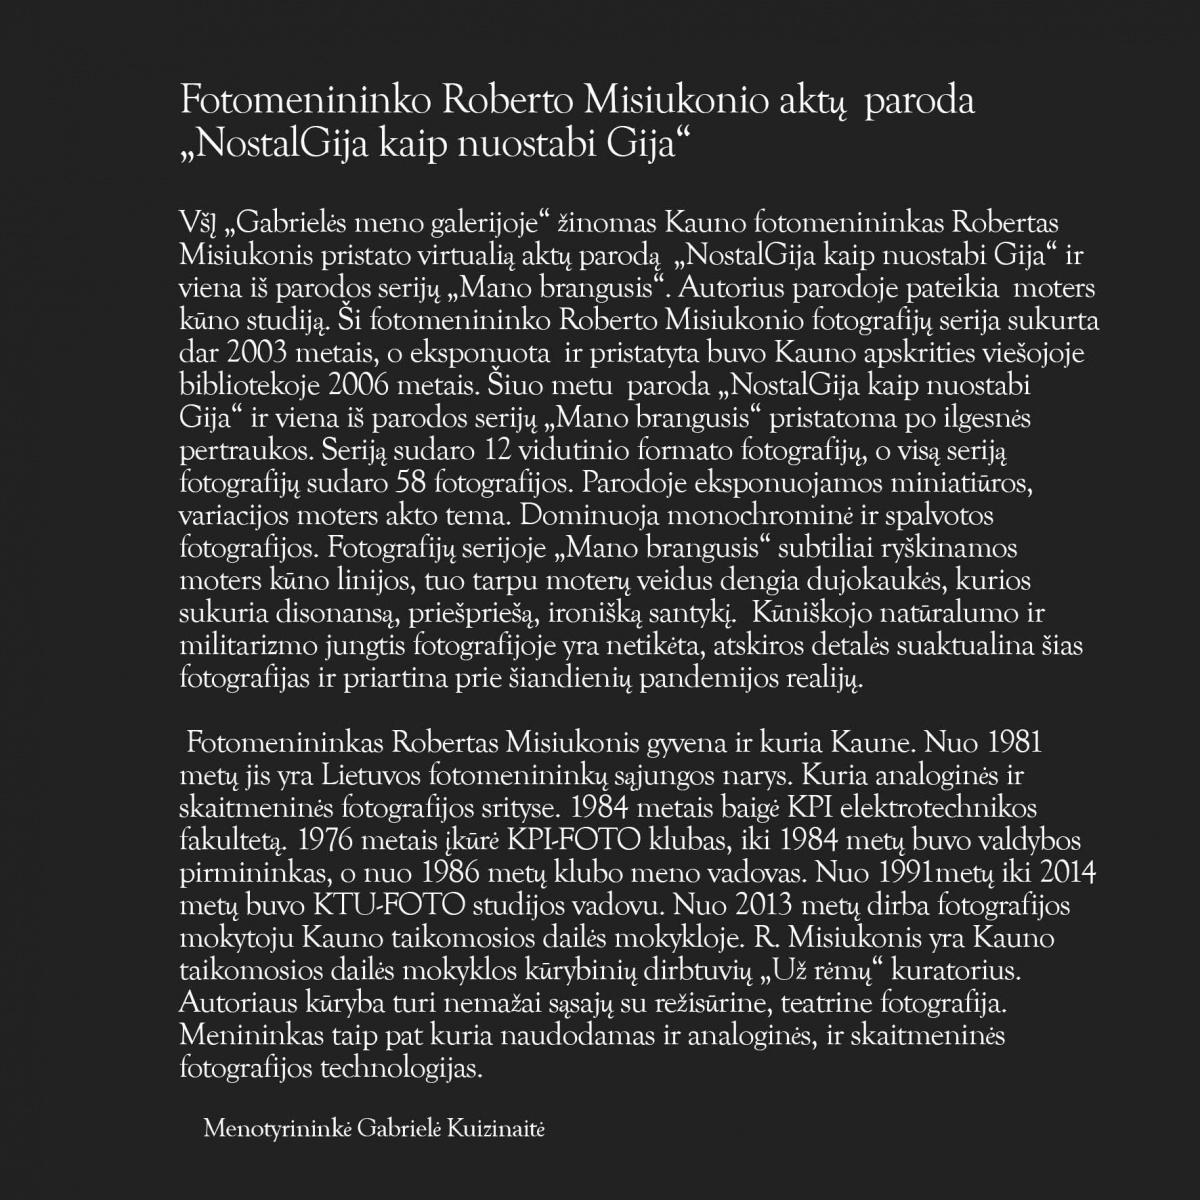 Robertas Misiukonis. Fotografijų paroda